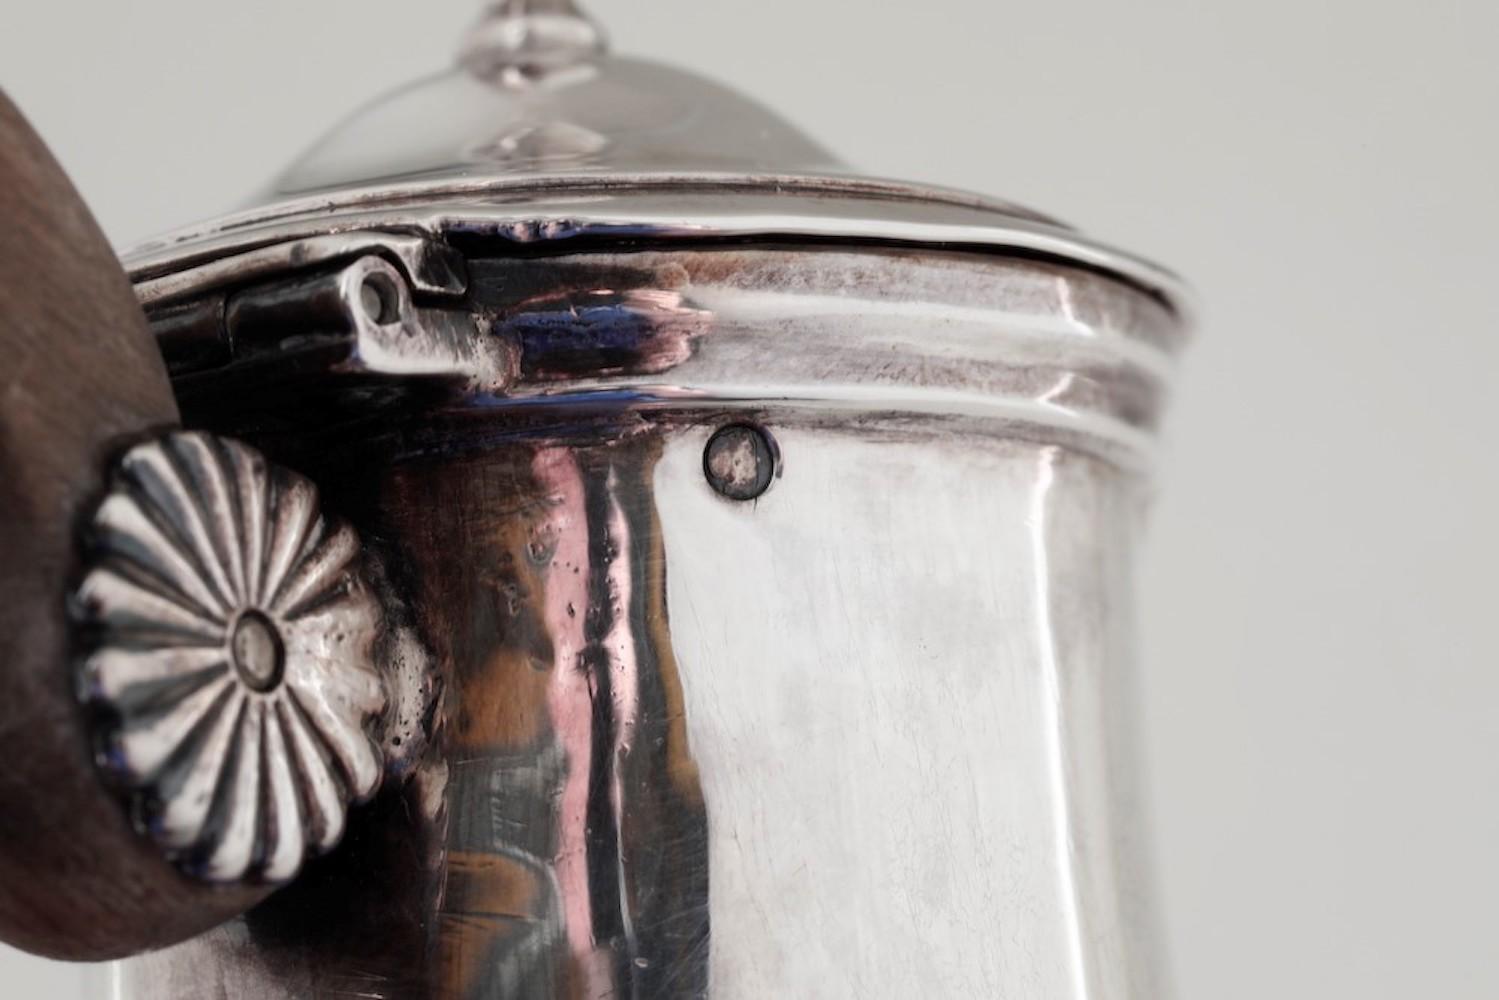 Bricco in argento primo titolo fuso e sbalzato. Parigi 1803-1819, - gr. 180, altezza [...] - Image 3 of 3